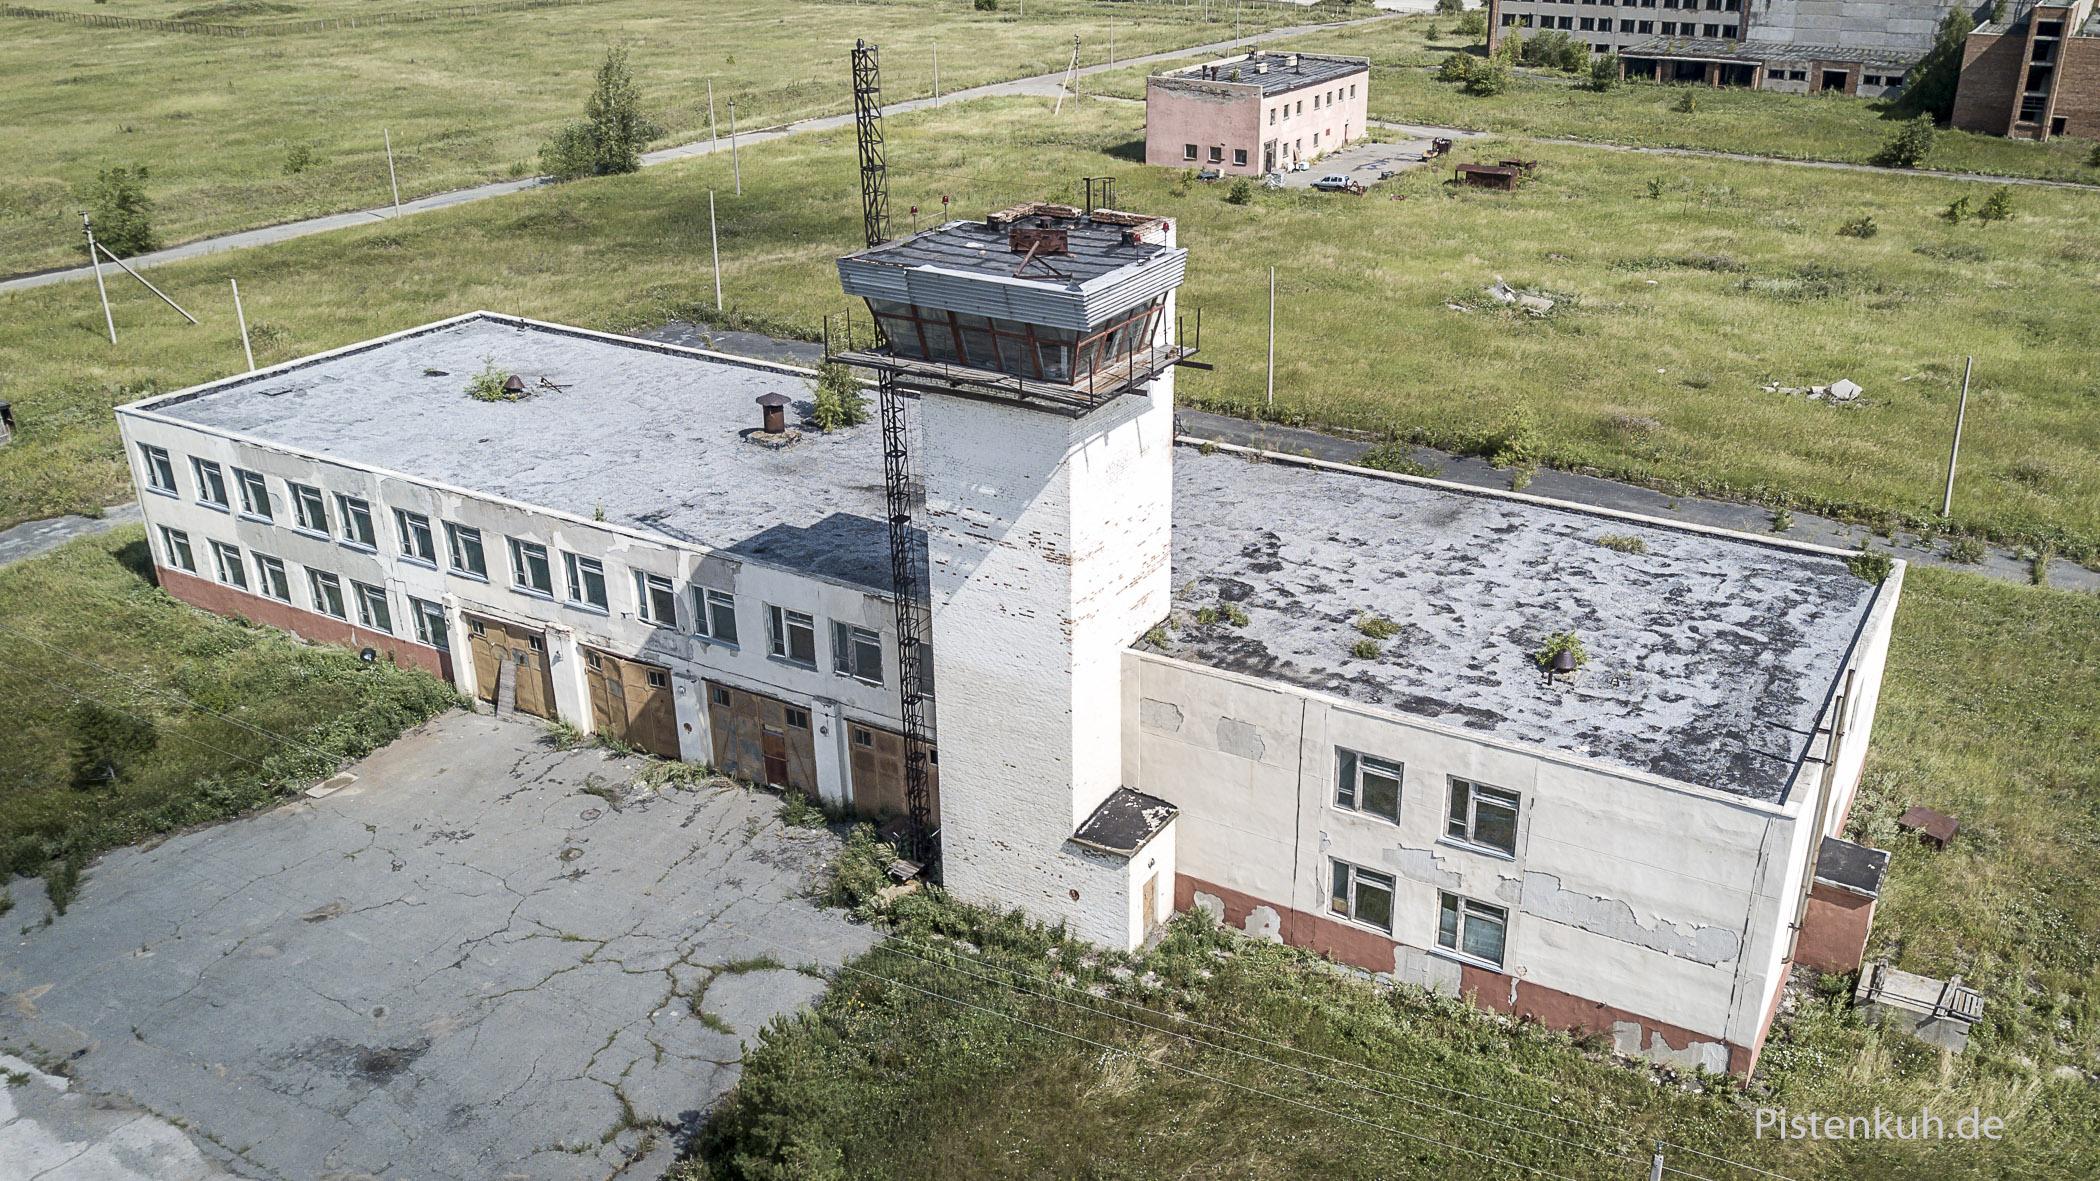 Das Gebäude der Flughafenfeuerwehr ist ebenfalls nur noch eine Ruine.